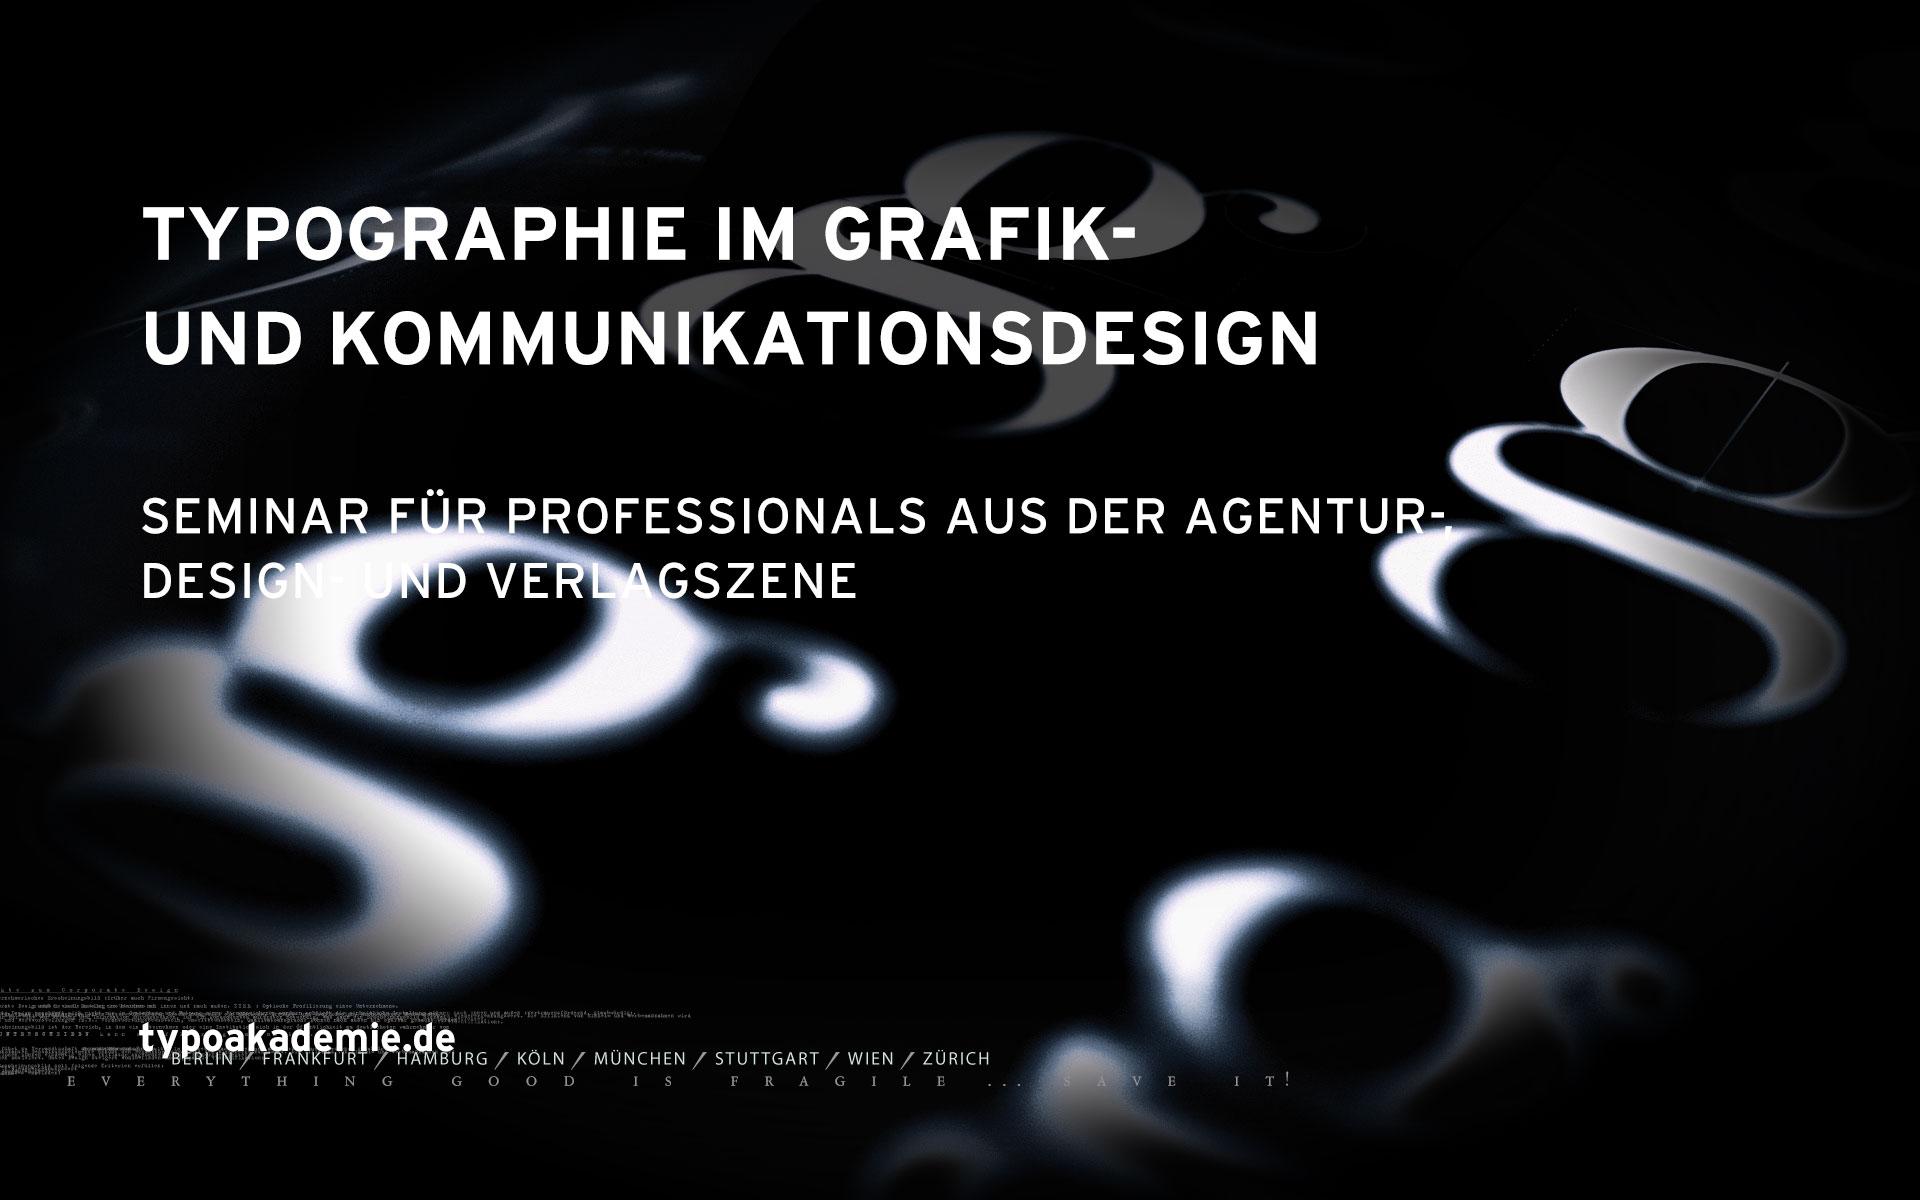 Banner »Typografie im Grafik- und Kommunikationsdesign«